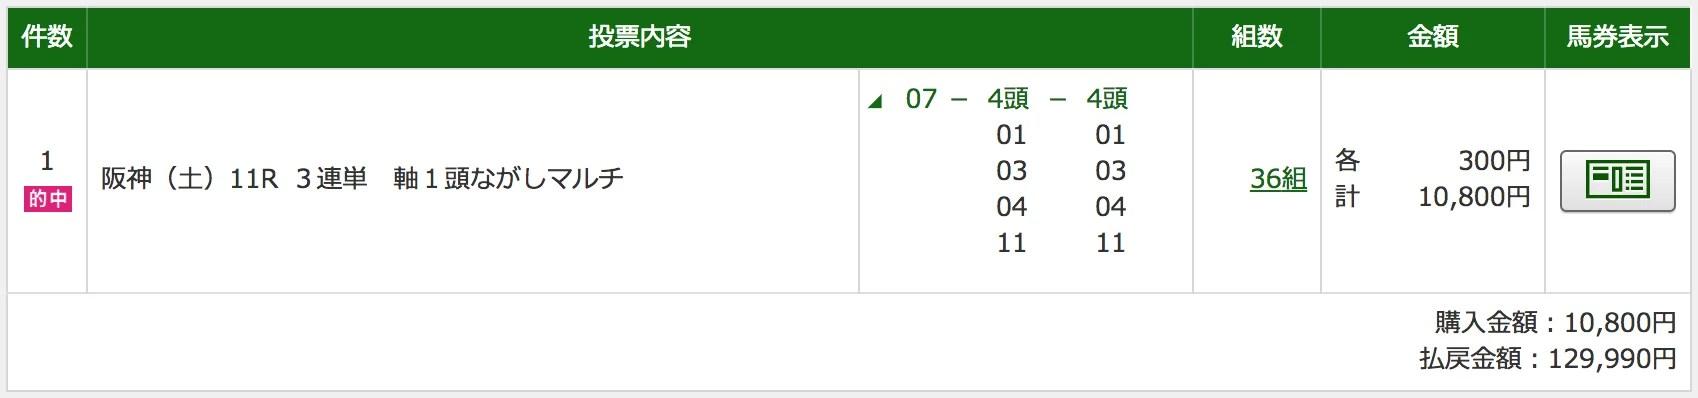 香港カップ2019香港ヴァーズ2019香港スプリント2019香港マイル2019予想&データ分析   初めて競馬をする方へ ...